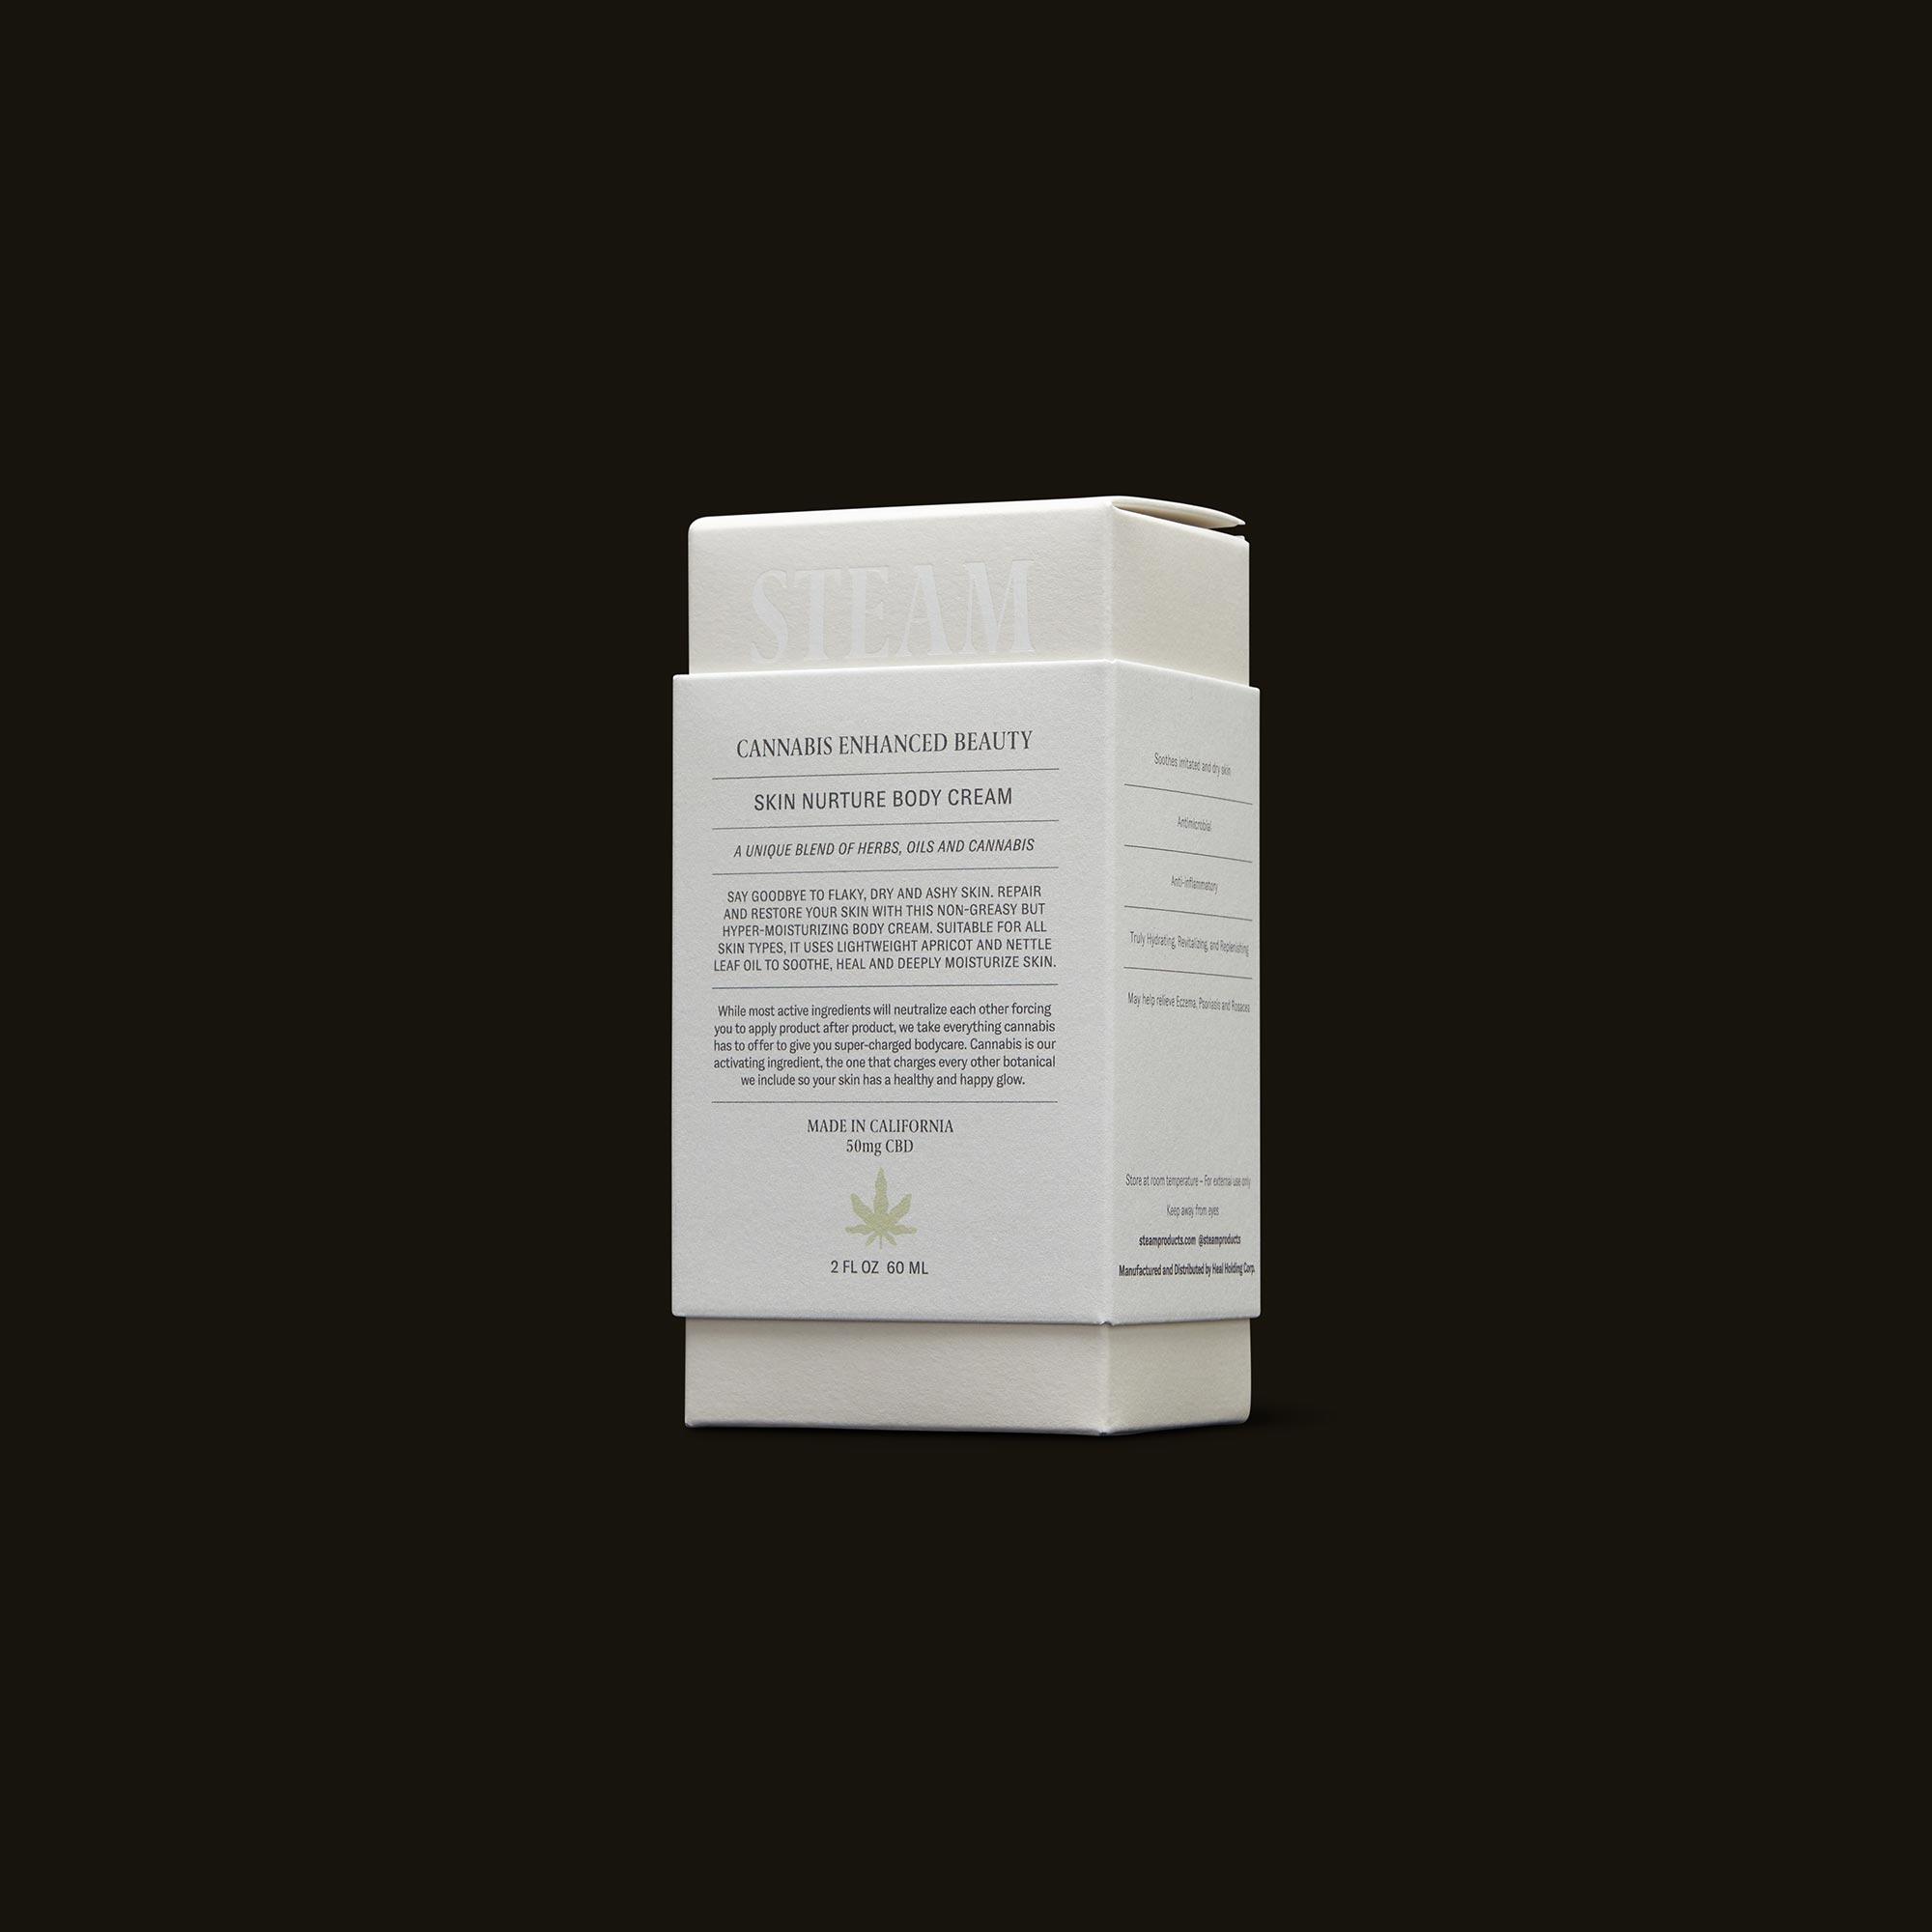 STEAM Skin Nurture Body Cream